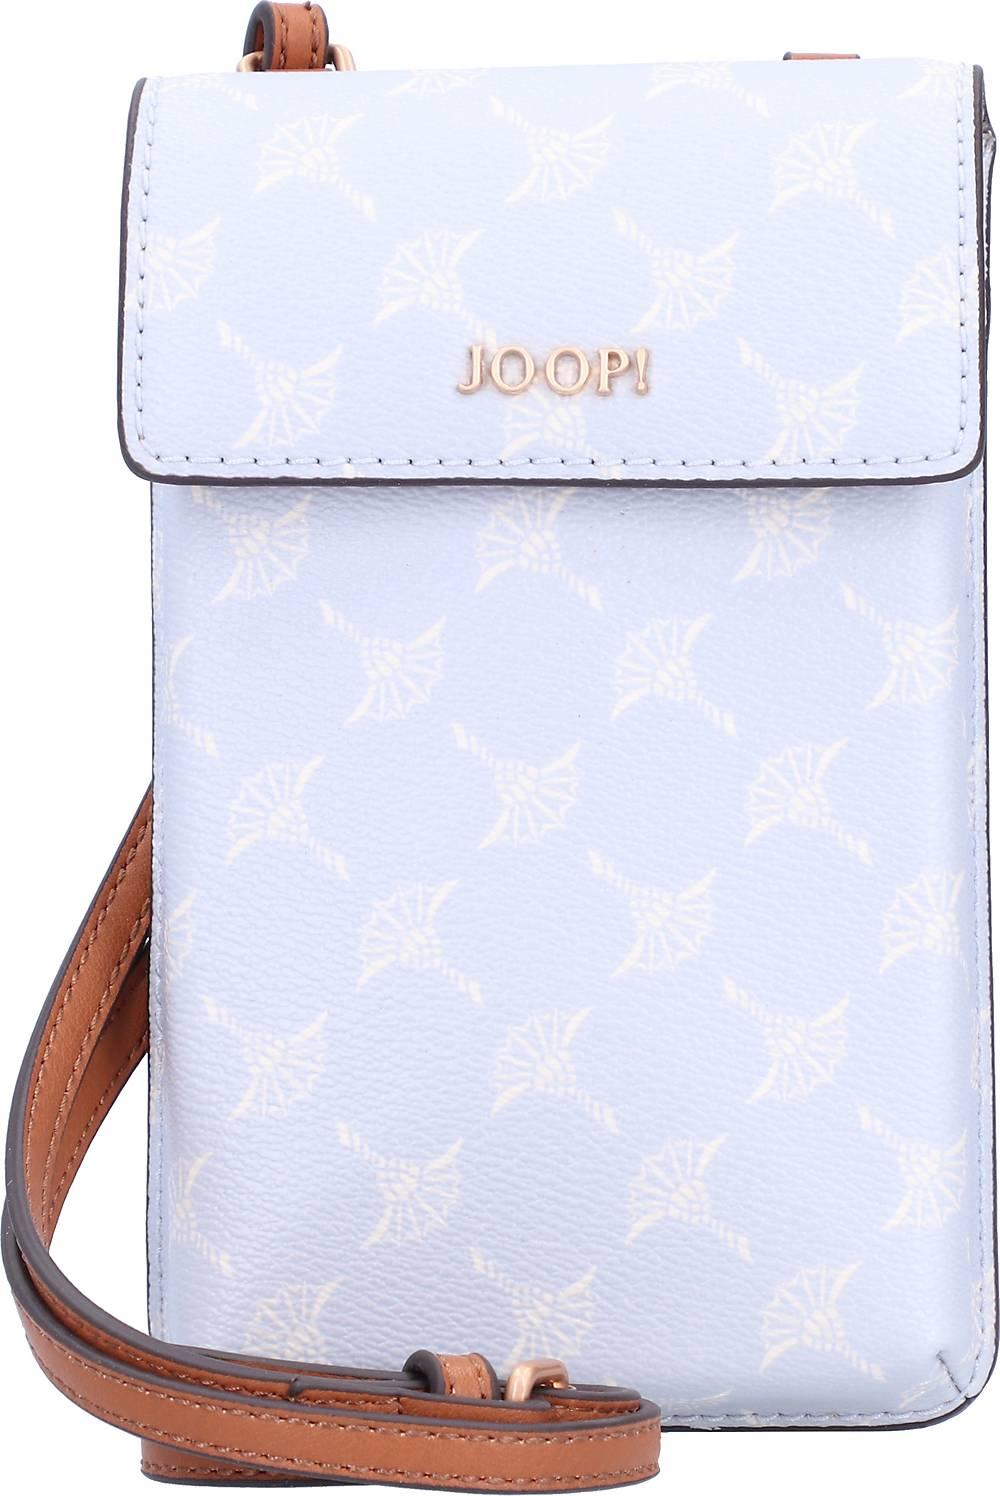 JOOP!, Cortina Pippa Handytasche 11 Cm in violett, Handyhüllen & Zubehör für Damen